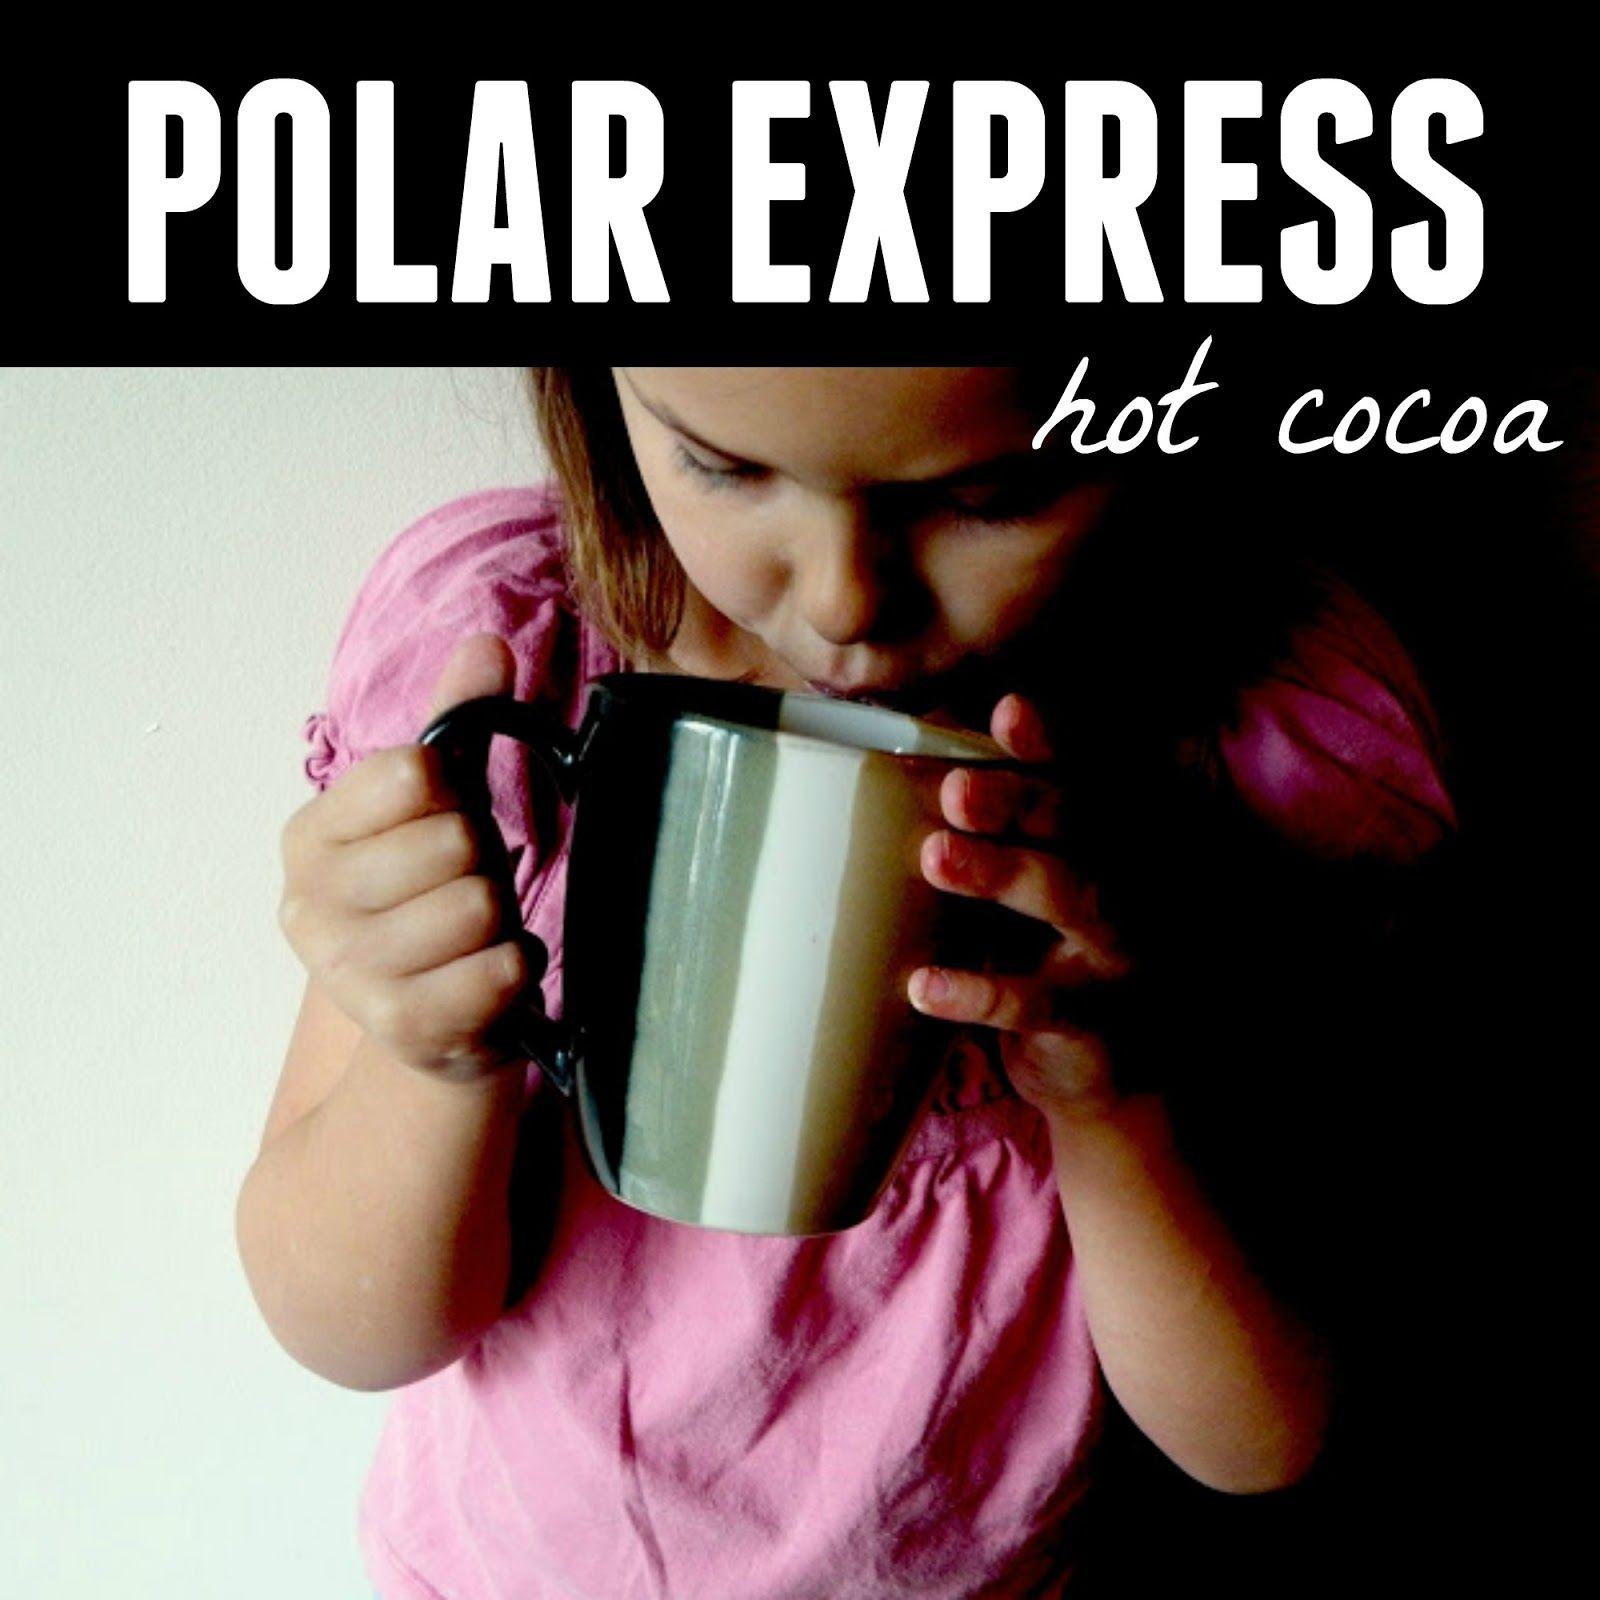 Polar Express Hot Cocoa